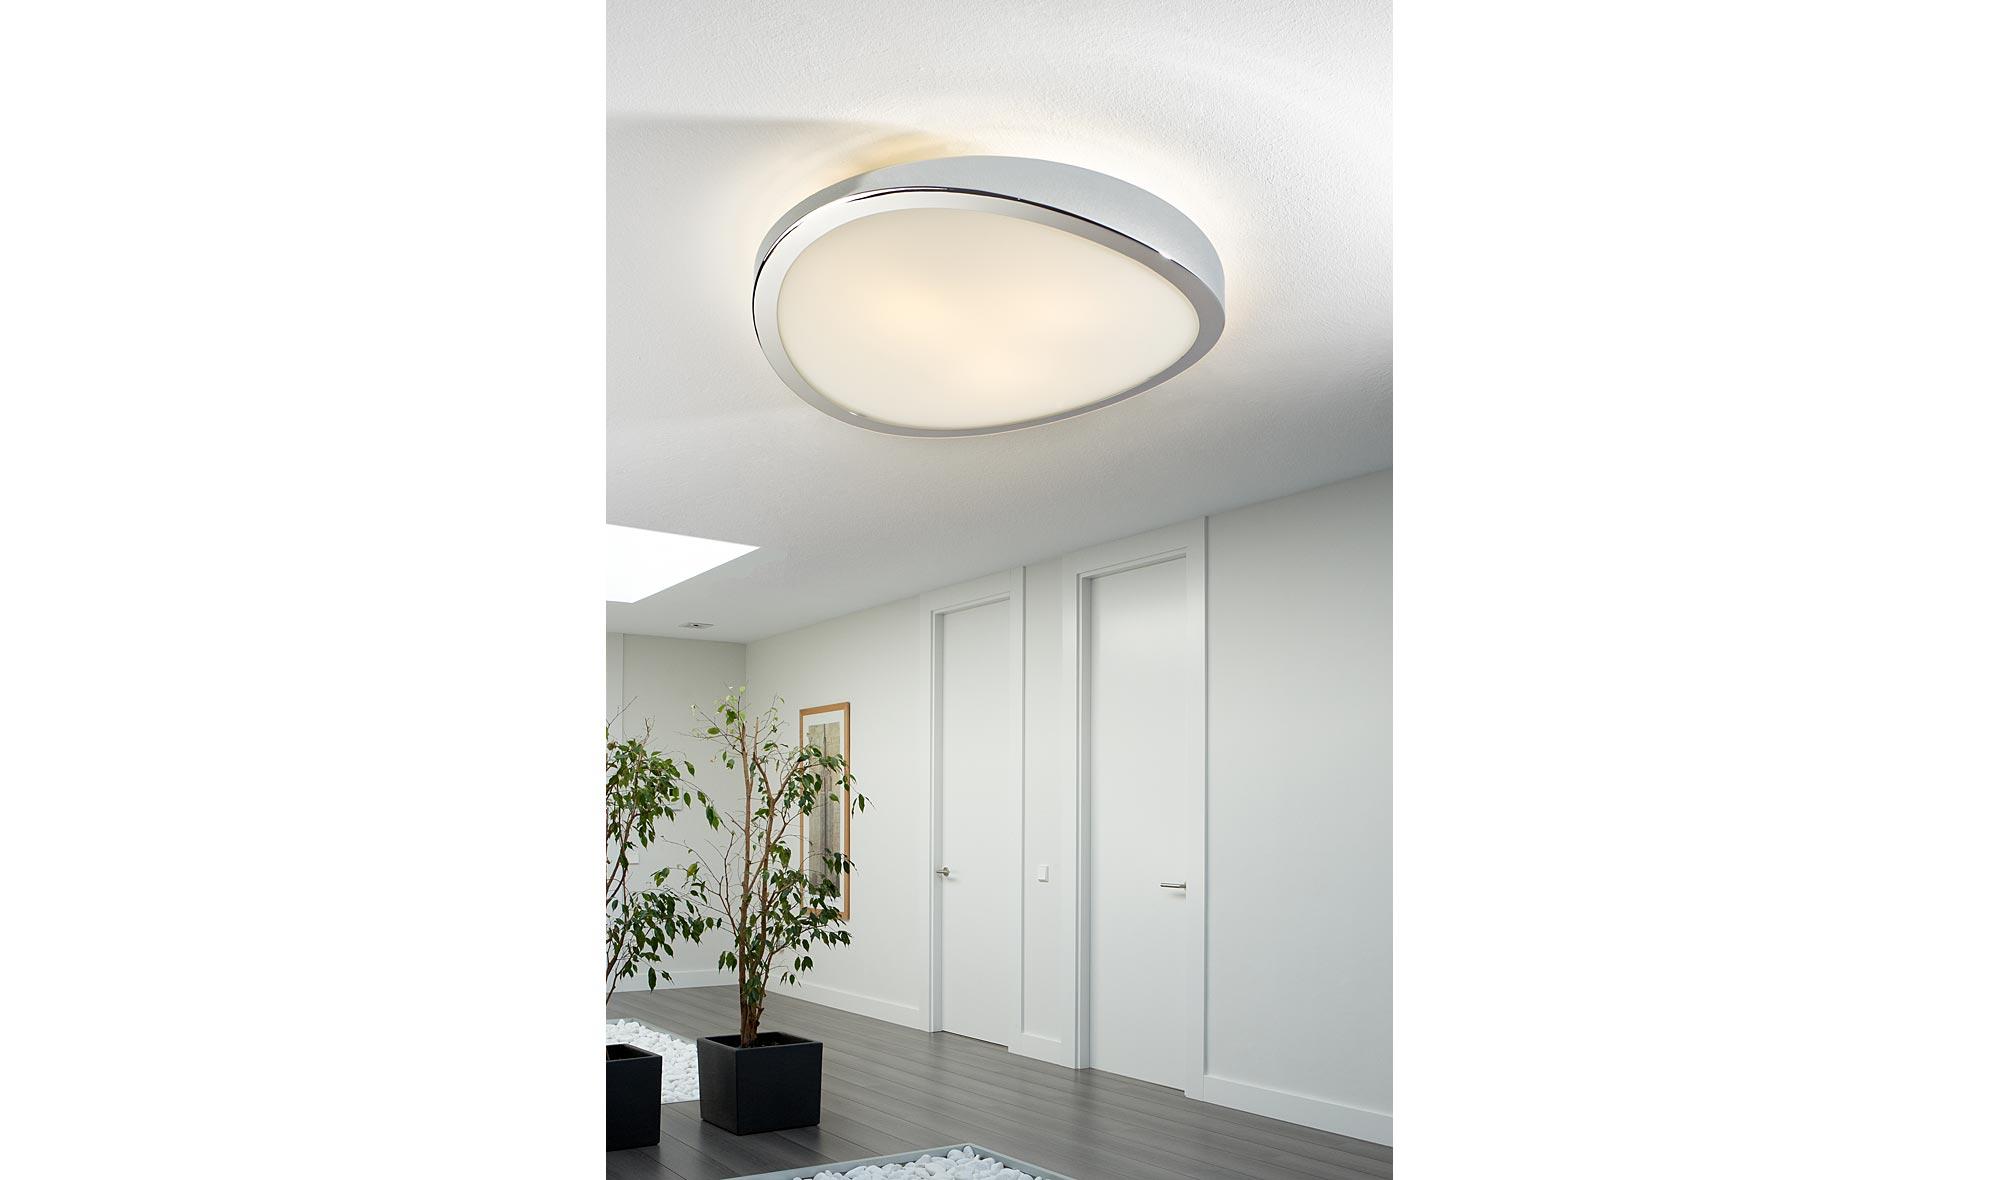 Muebles Martin Peñasco:  Plafón cromo Leda - Apliques y Plafones - Iluminación